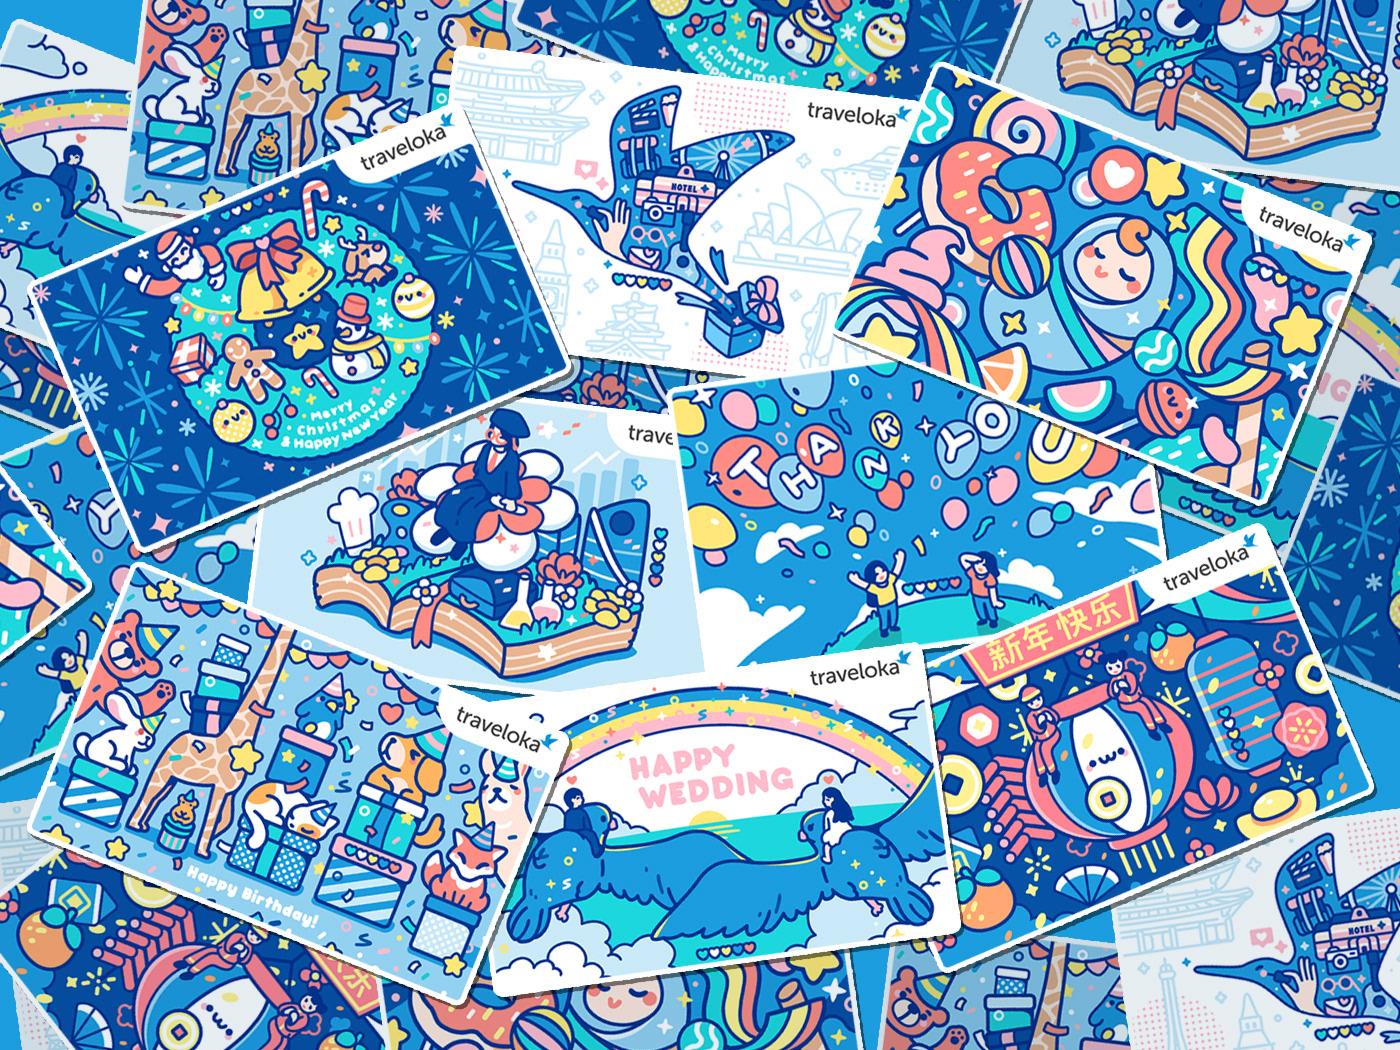 Traveloka Gift Voucher Illustration On Behance